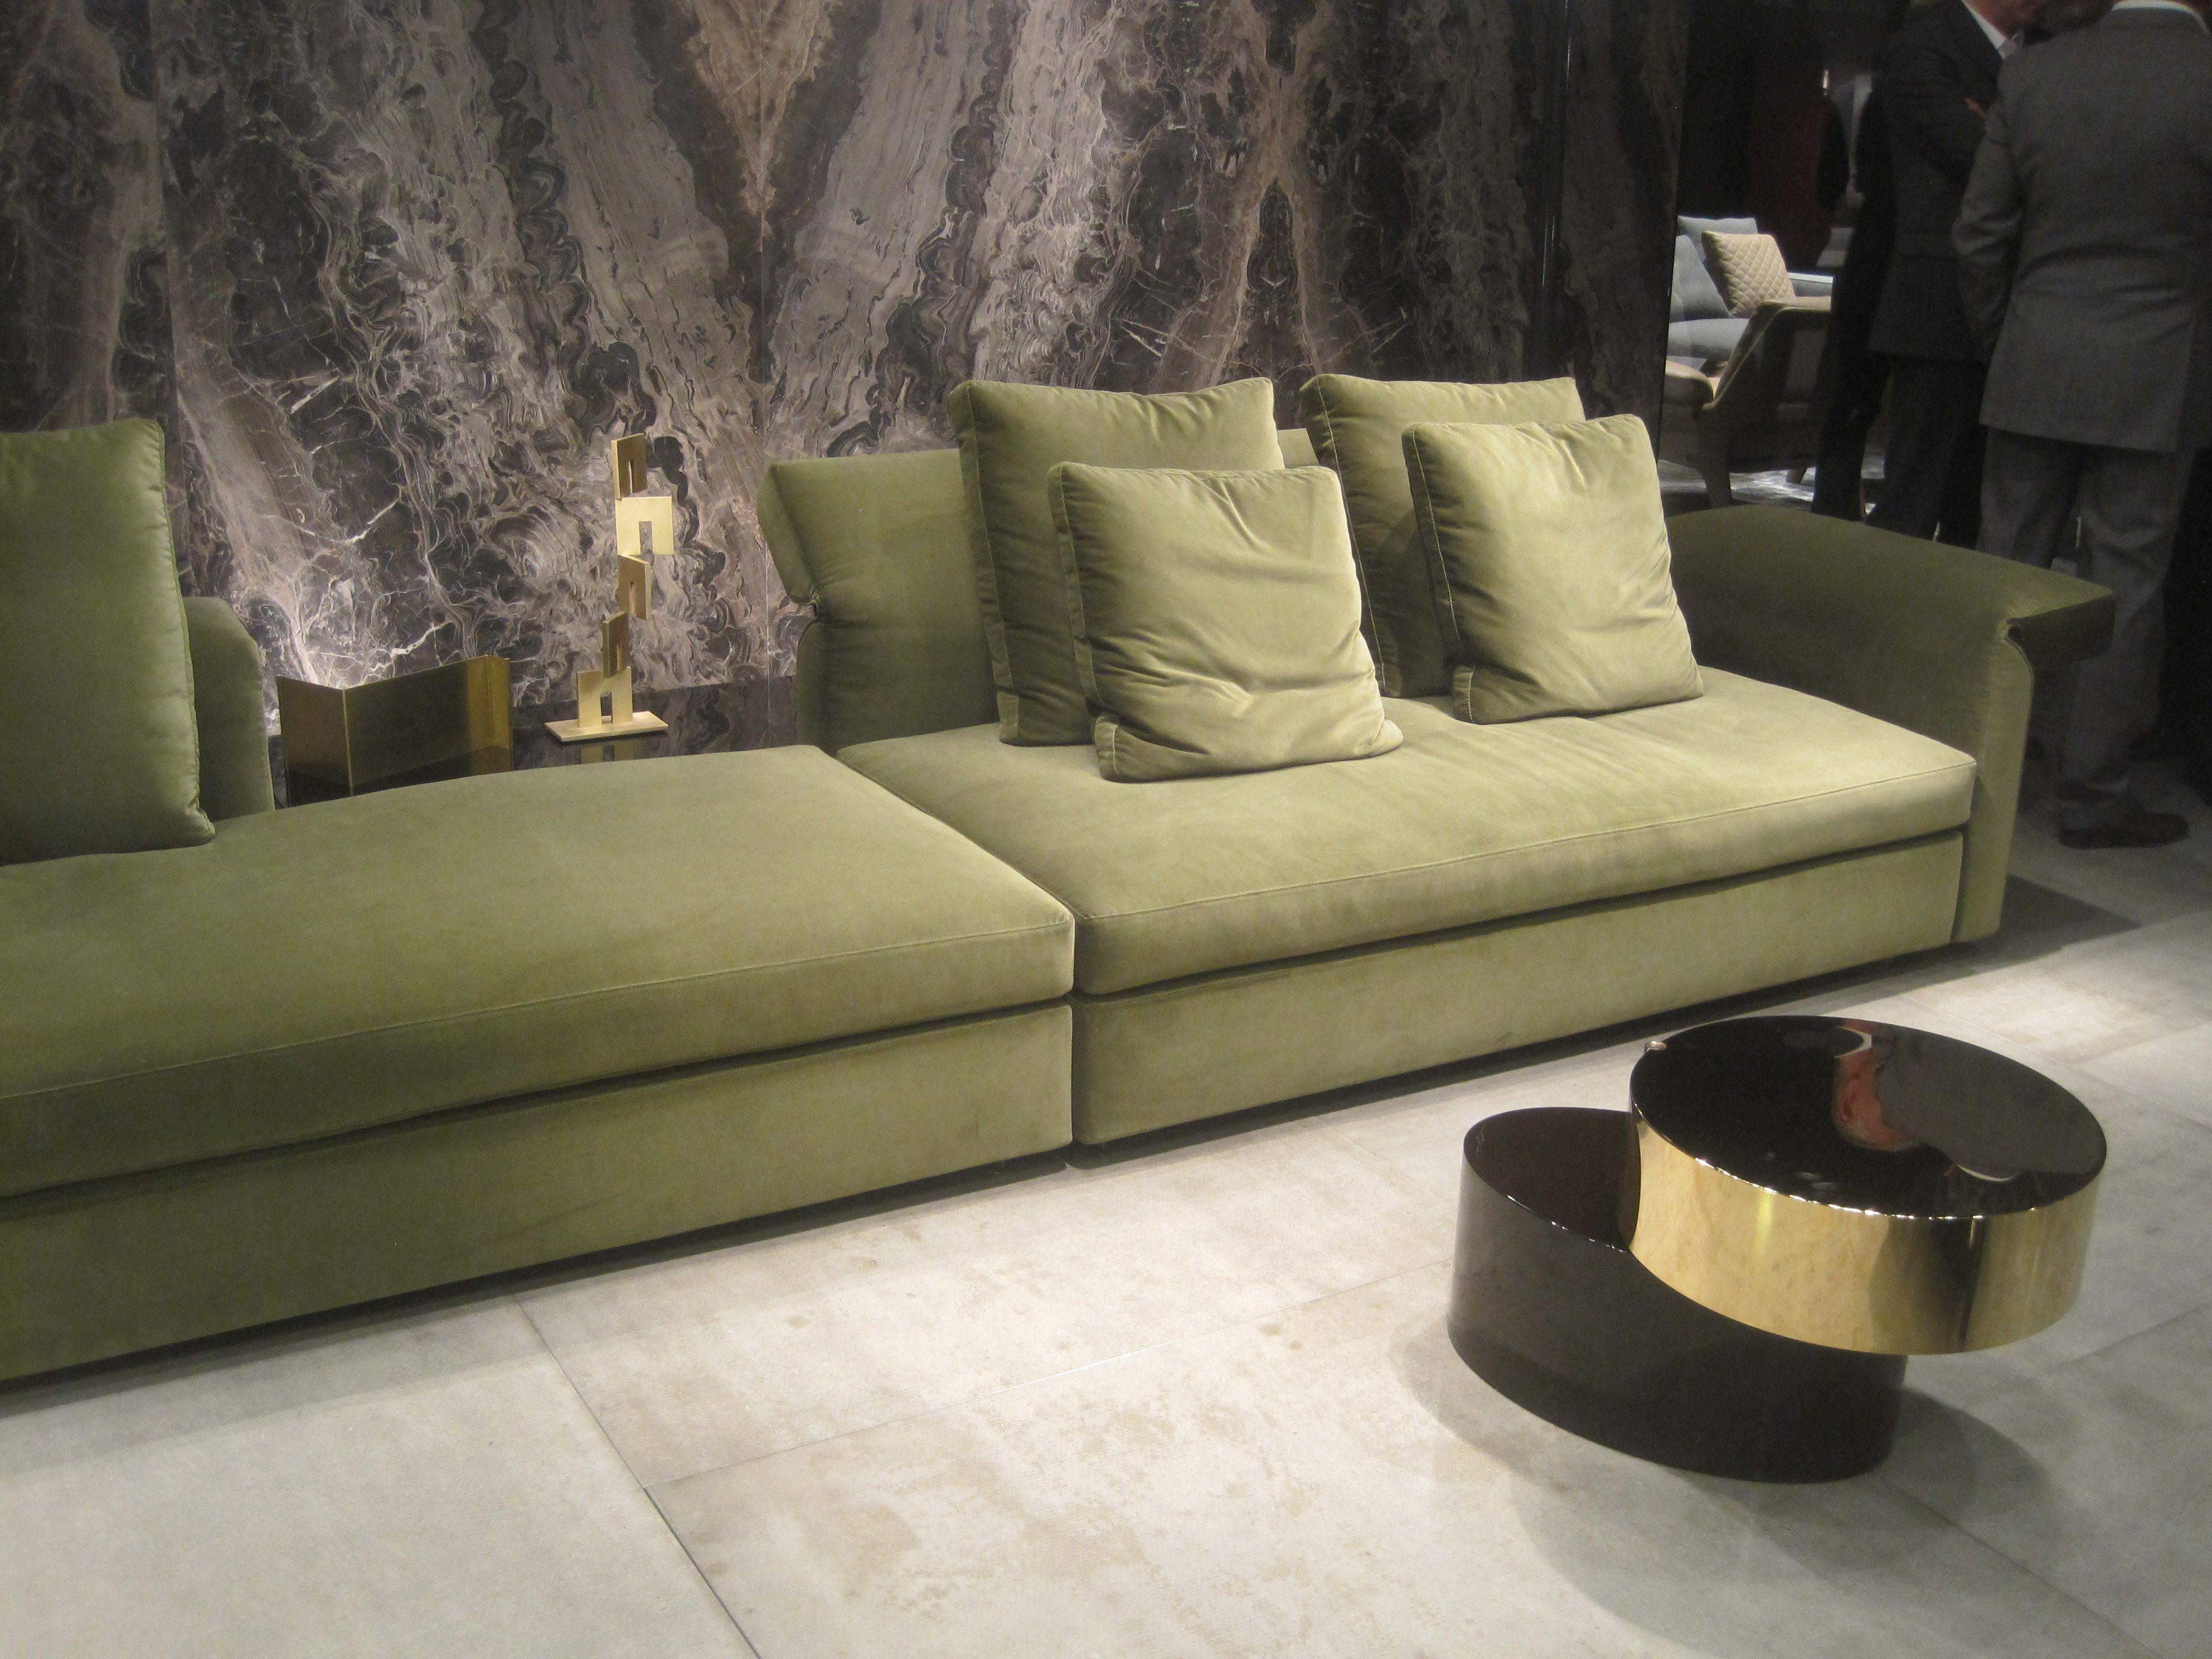 Minotti Collar New Sofa Banken □ NOORT interieur